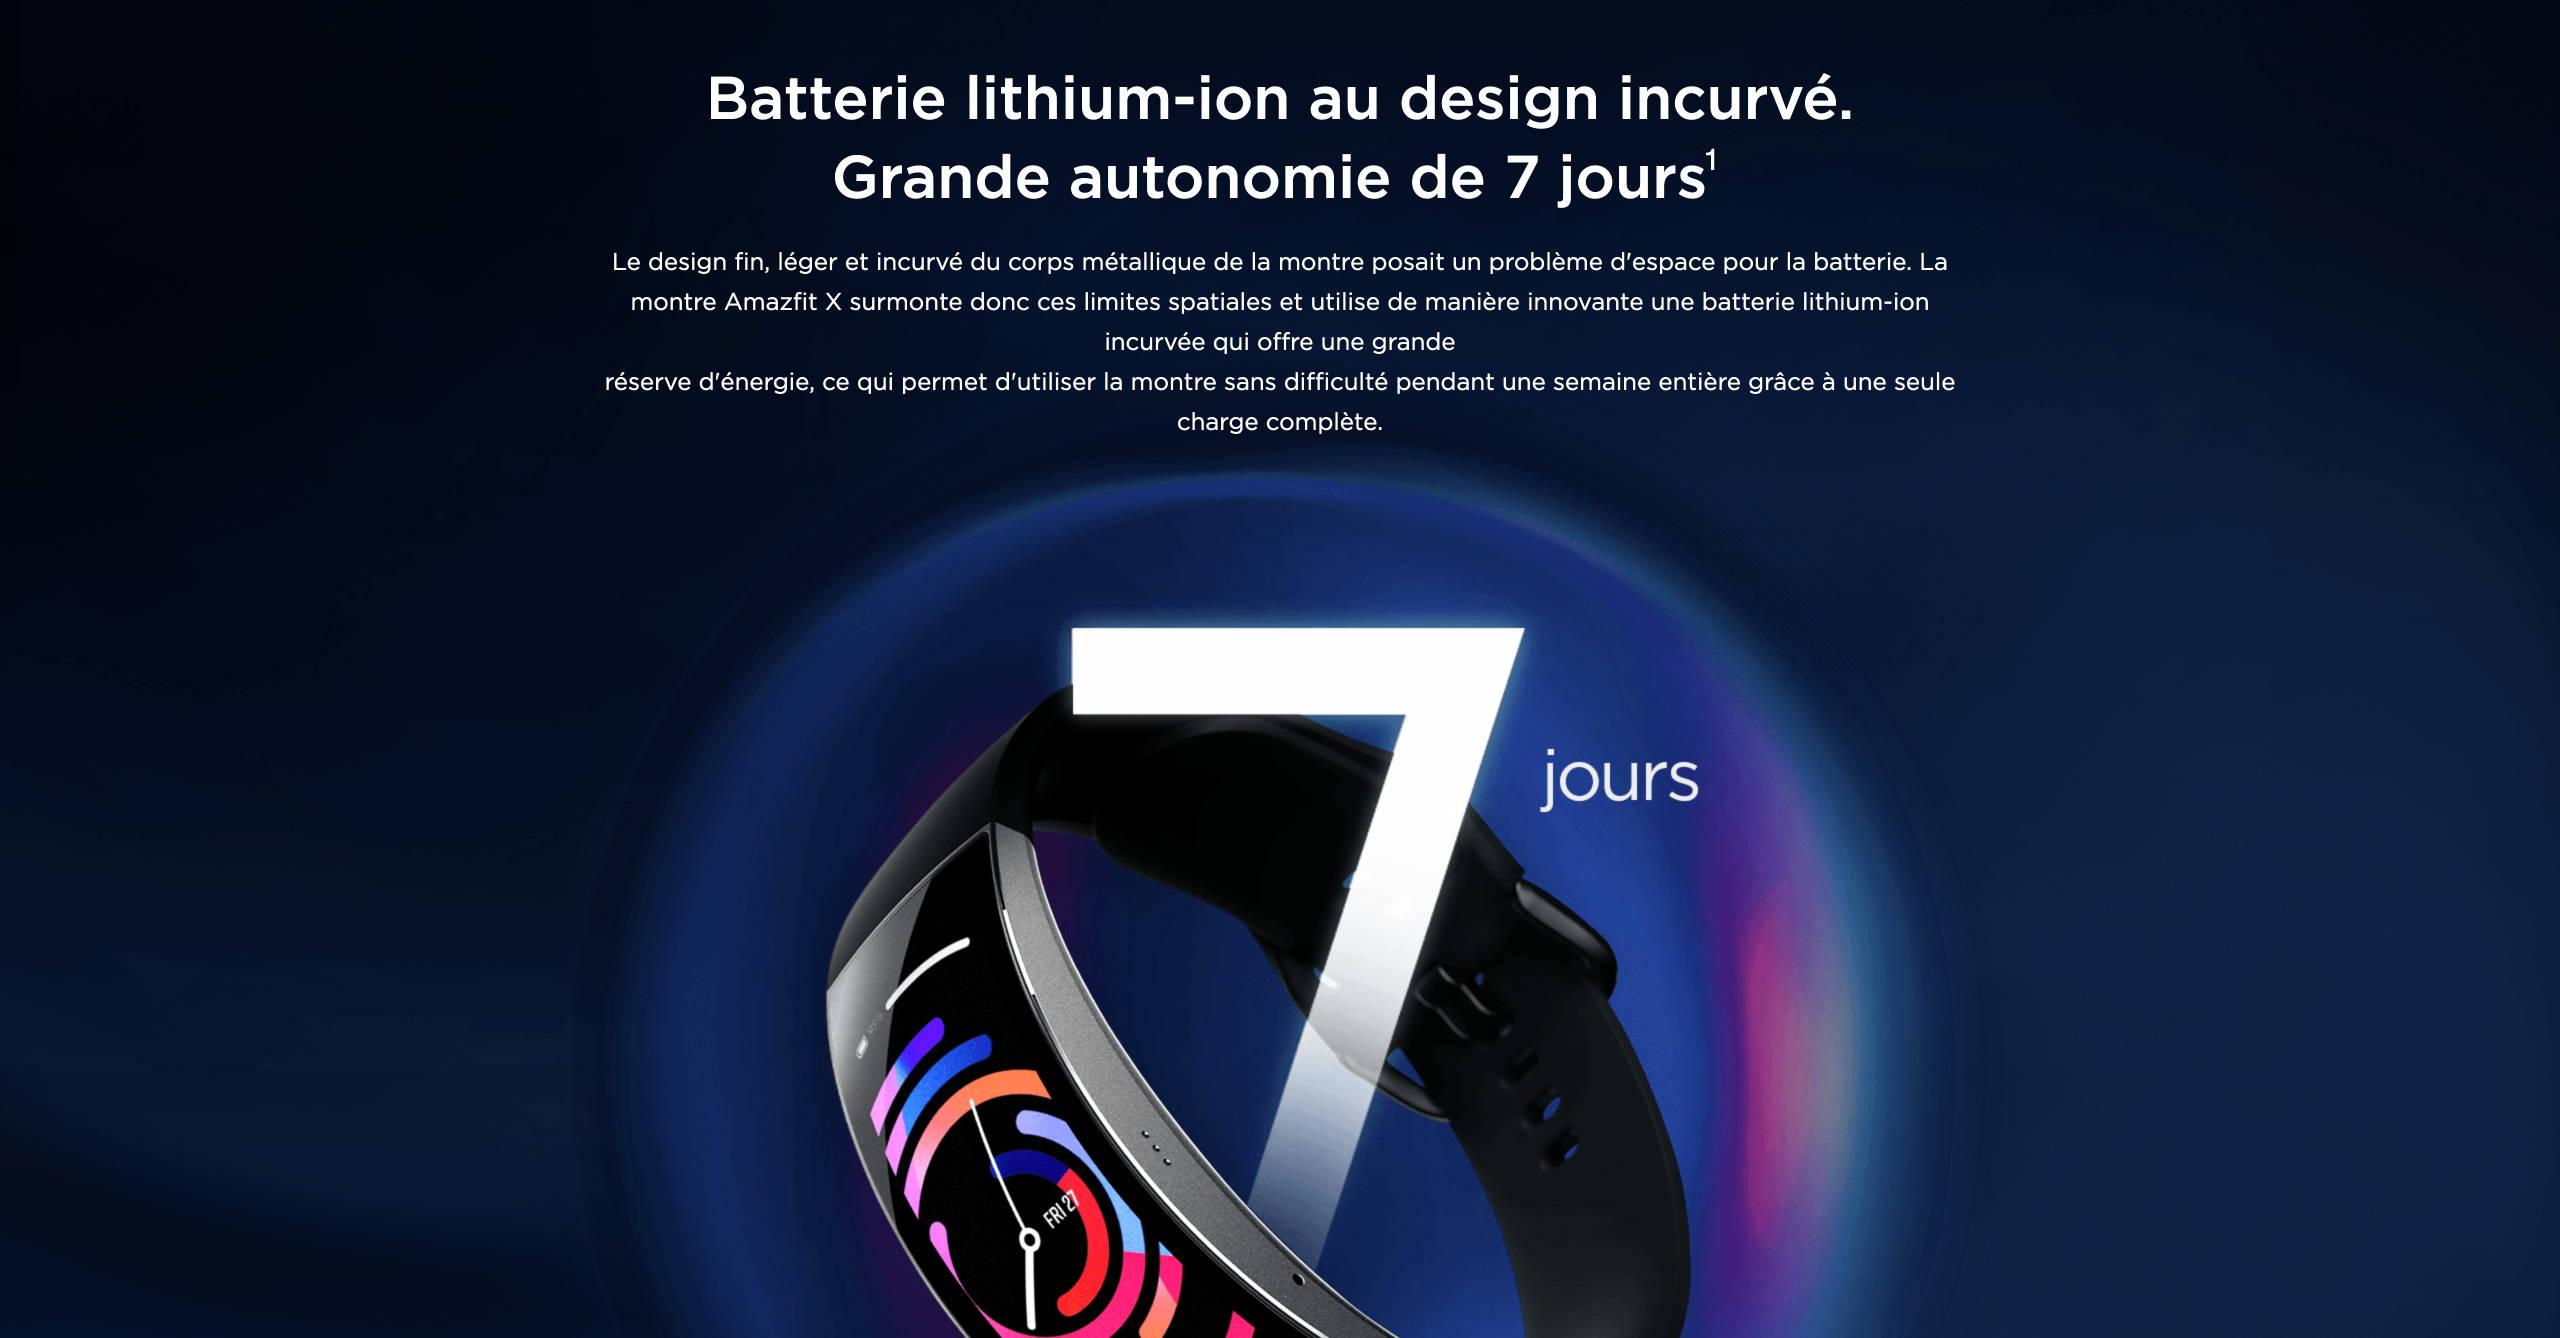 Amazfit X - Batterie lithium-ion au design incurvé. Grande autonomie de 7 jours